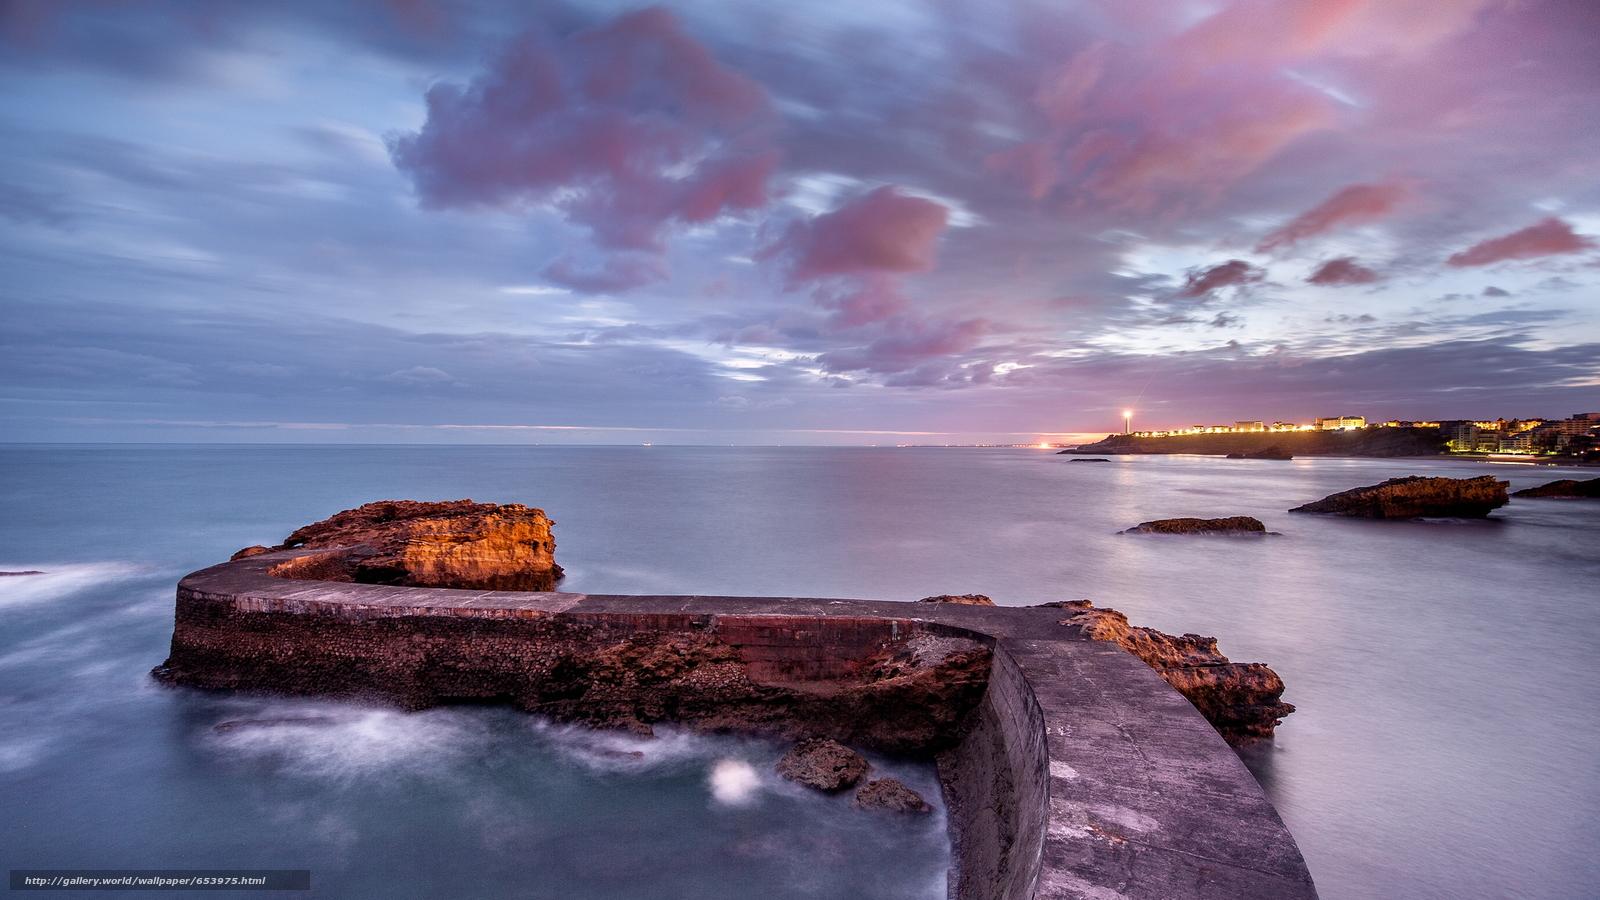 Скачать обои море,  океан,  водоем,  камни бесплатно для рабочего стола в разрешении 2048x1152 — картинка №653975